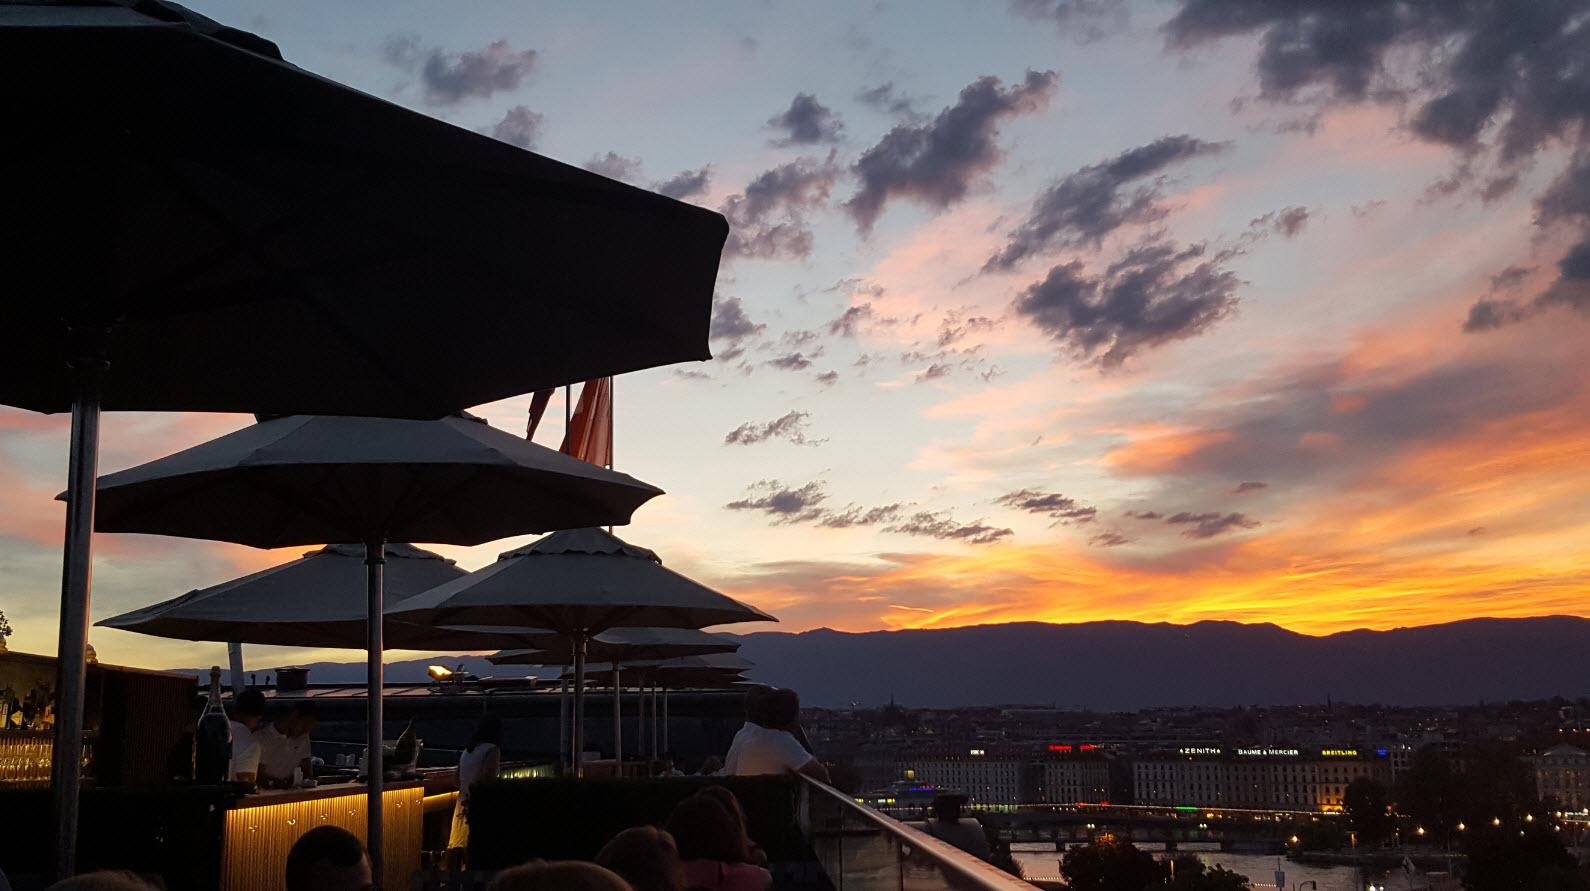 Coucher de soleil au rooftop 5 Lounge Suisse